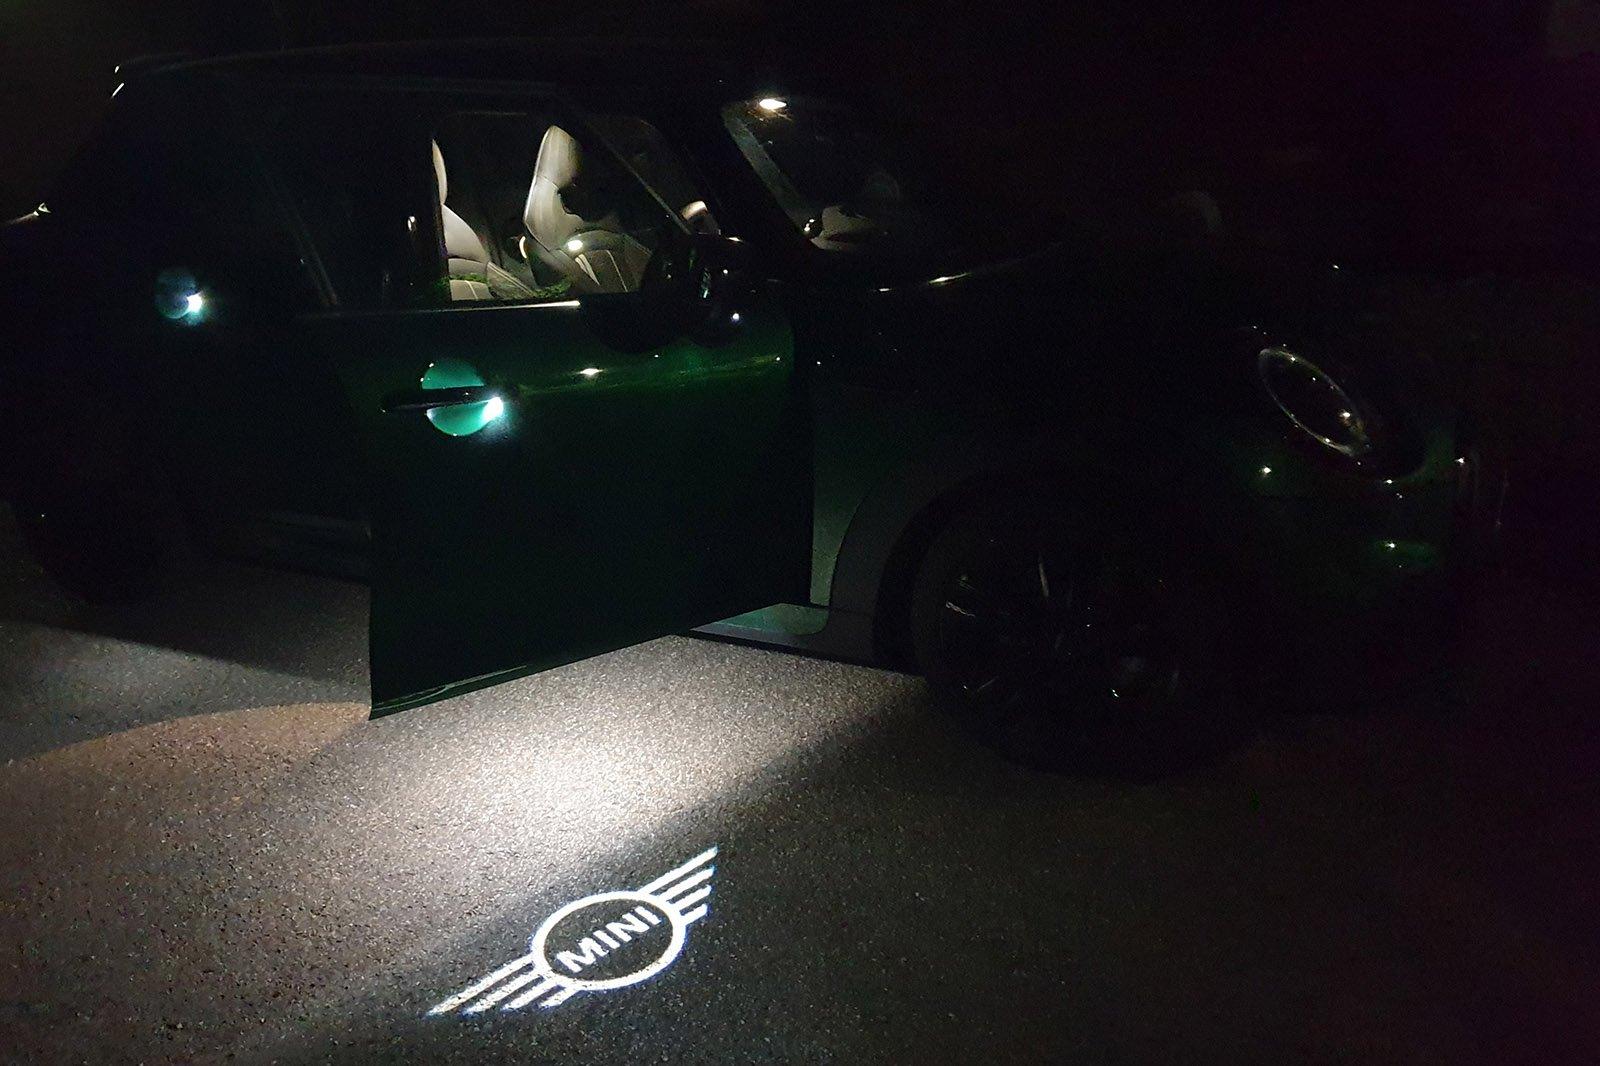 Mini 5-door hatch 2021 Long-term illumination